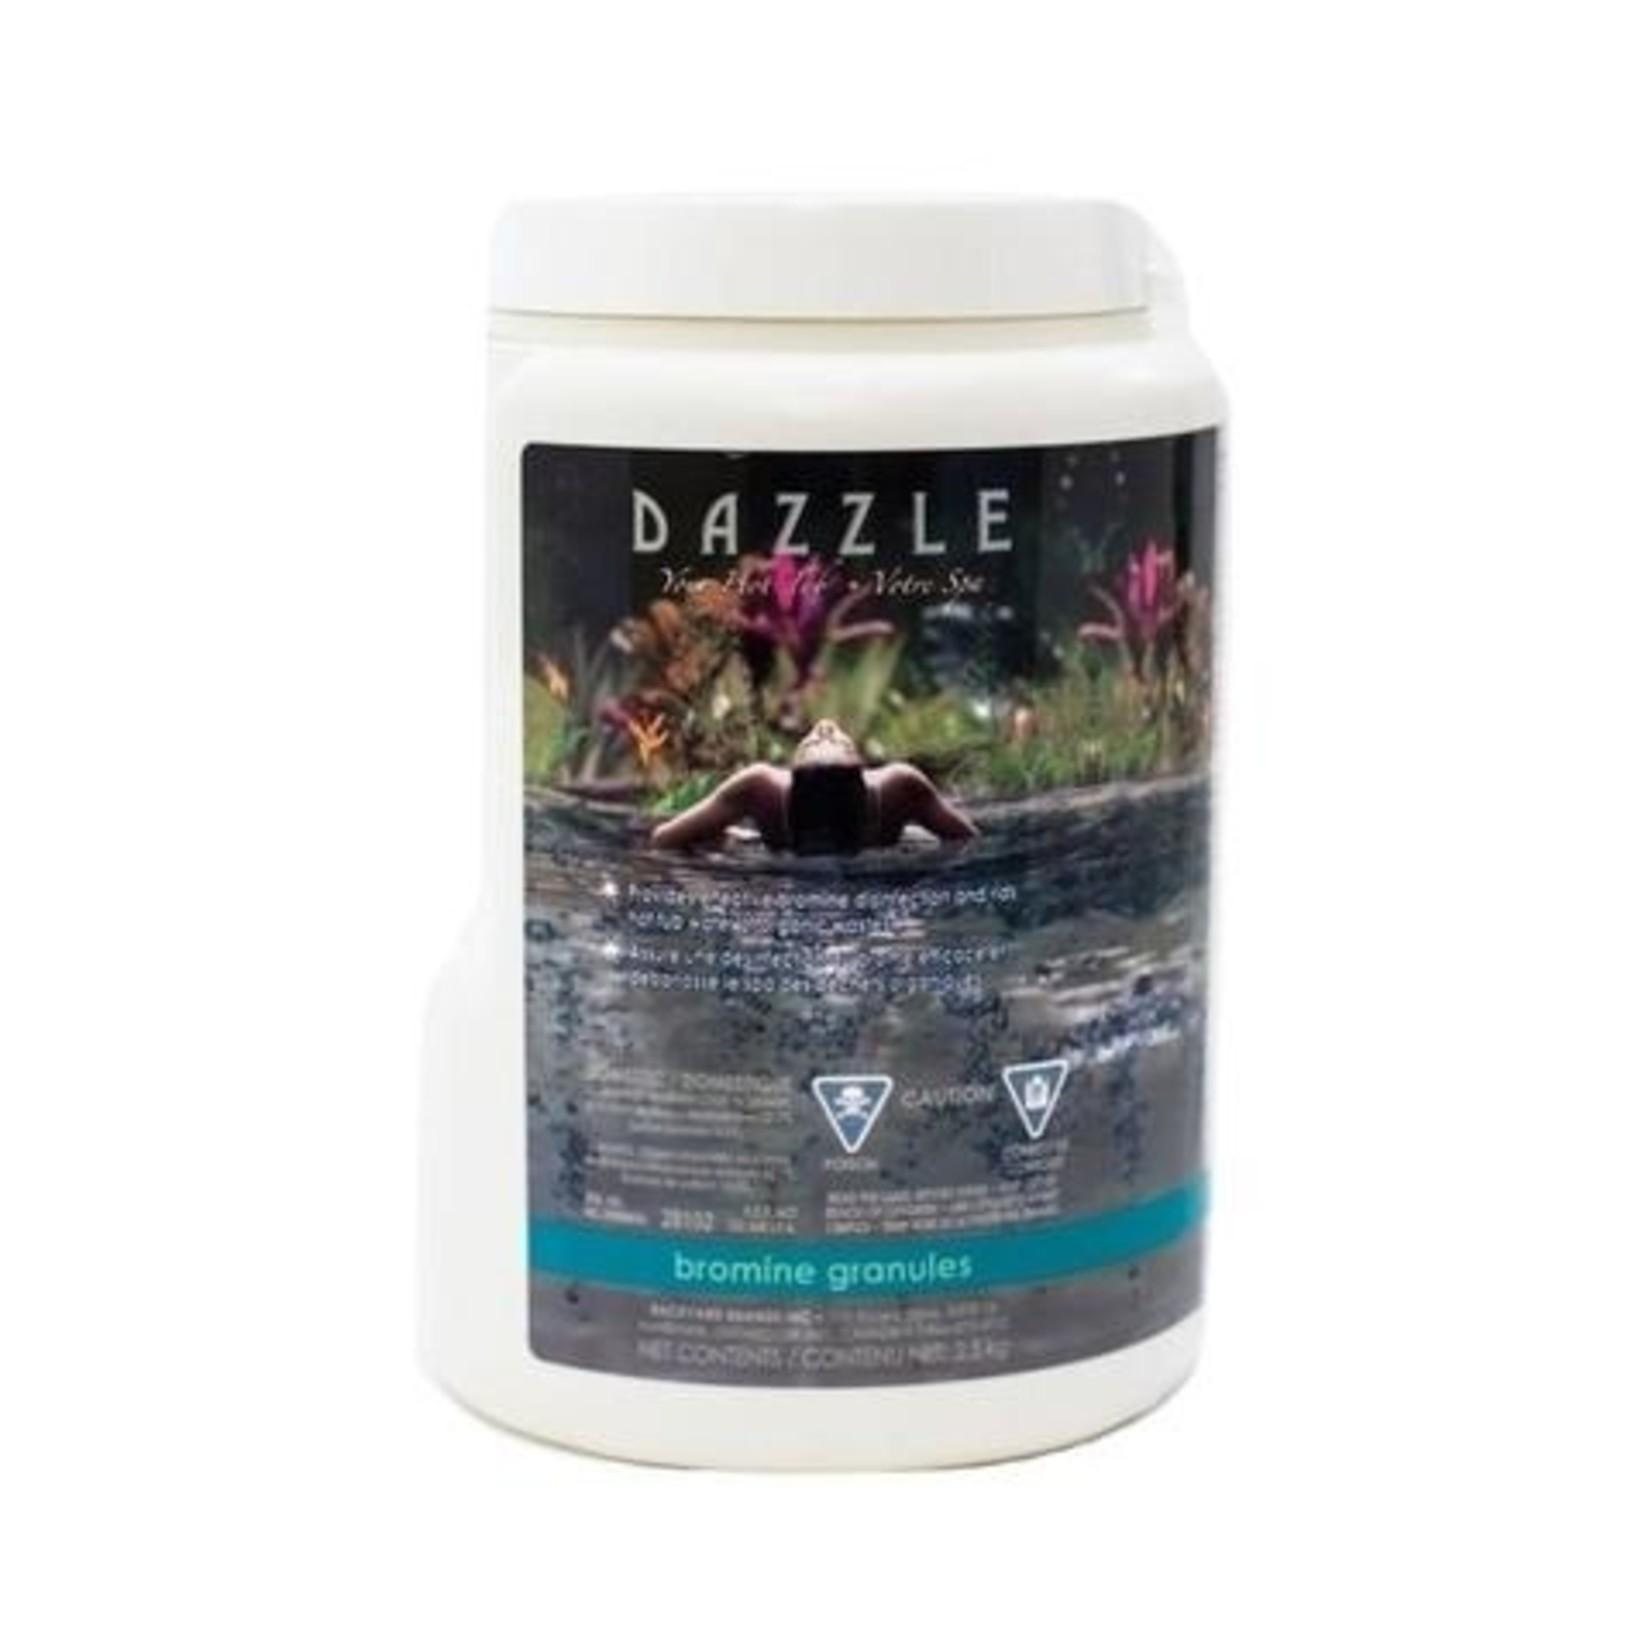 Dazzle Bromine Granules (2.5 kg)